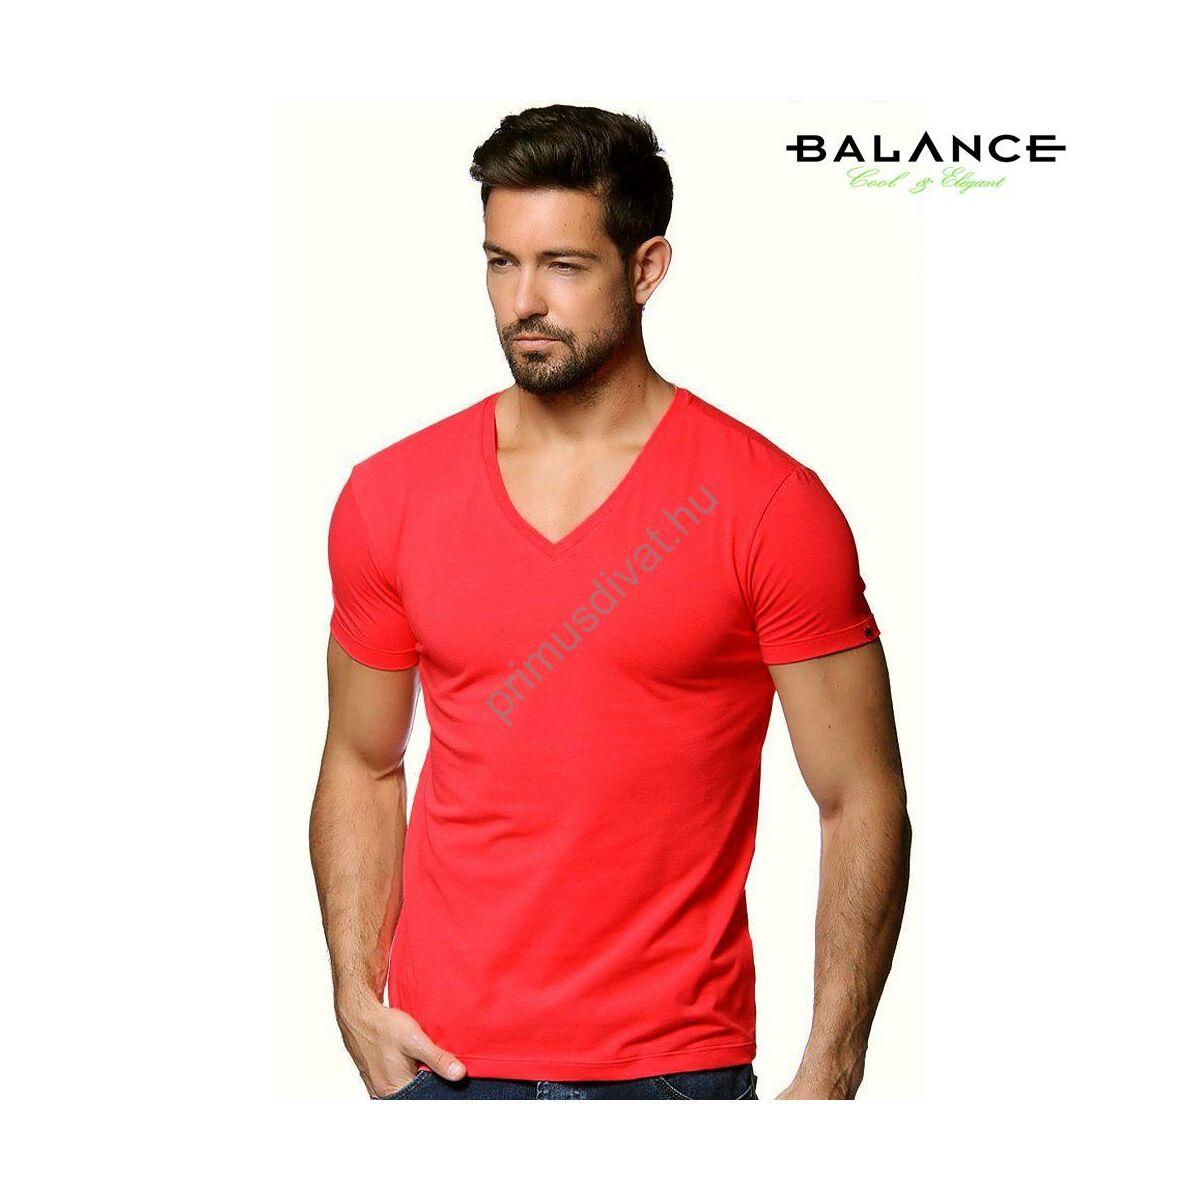 f3b1fb7b8a Kép 1/2 - Balance V-nyakú, rugalmas anyagú rövid ujjú póló, ujján fém  márkafelirattal, piros